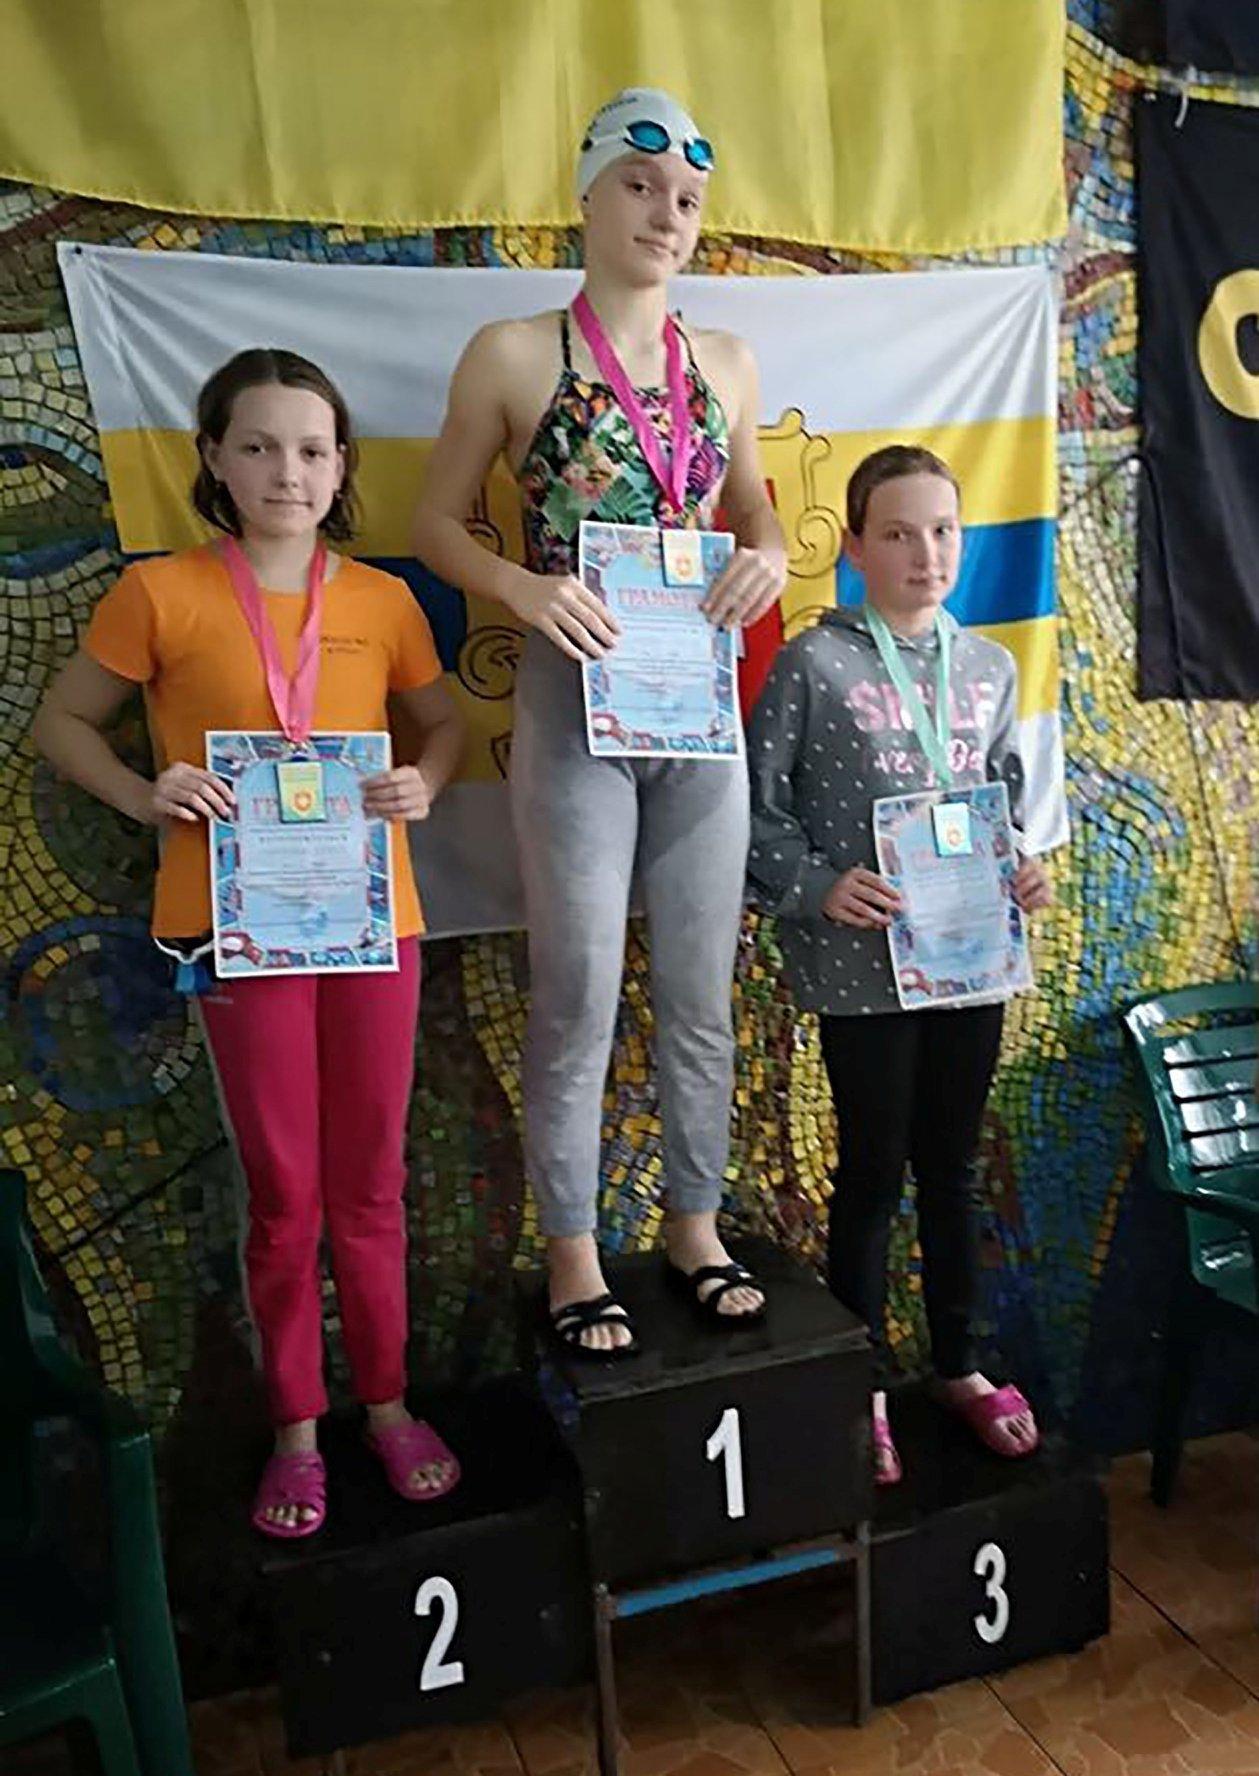 В Рівному дитячий чемпіонат з плавання присвятили воїнам, які загинули в АТО (ФОТО), фото-6